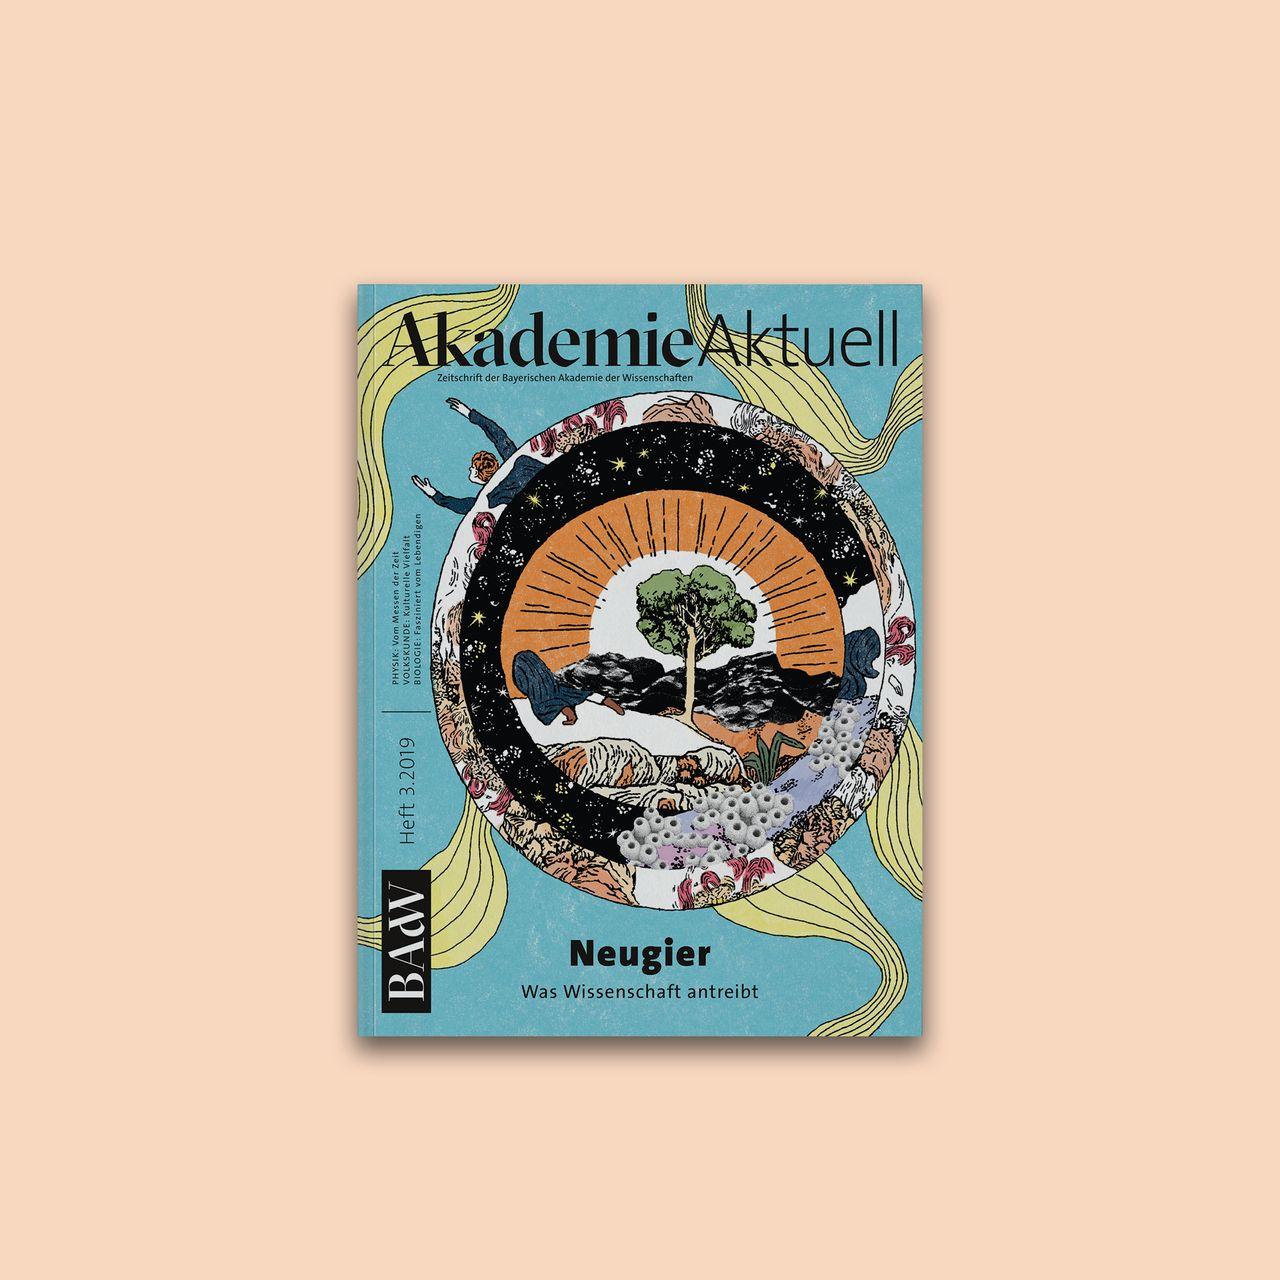 Akademie Aktuell 3.2019, Studio Umlaut